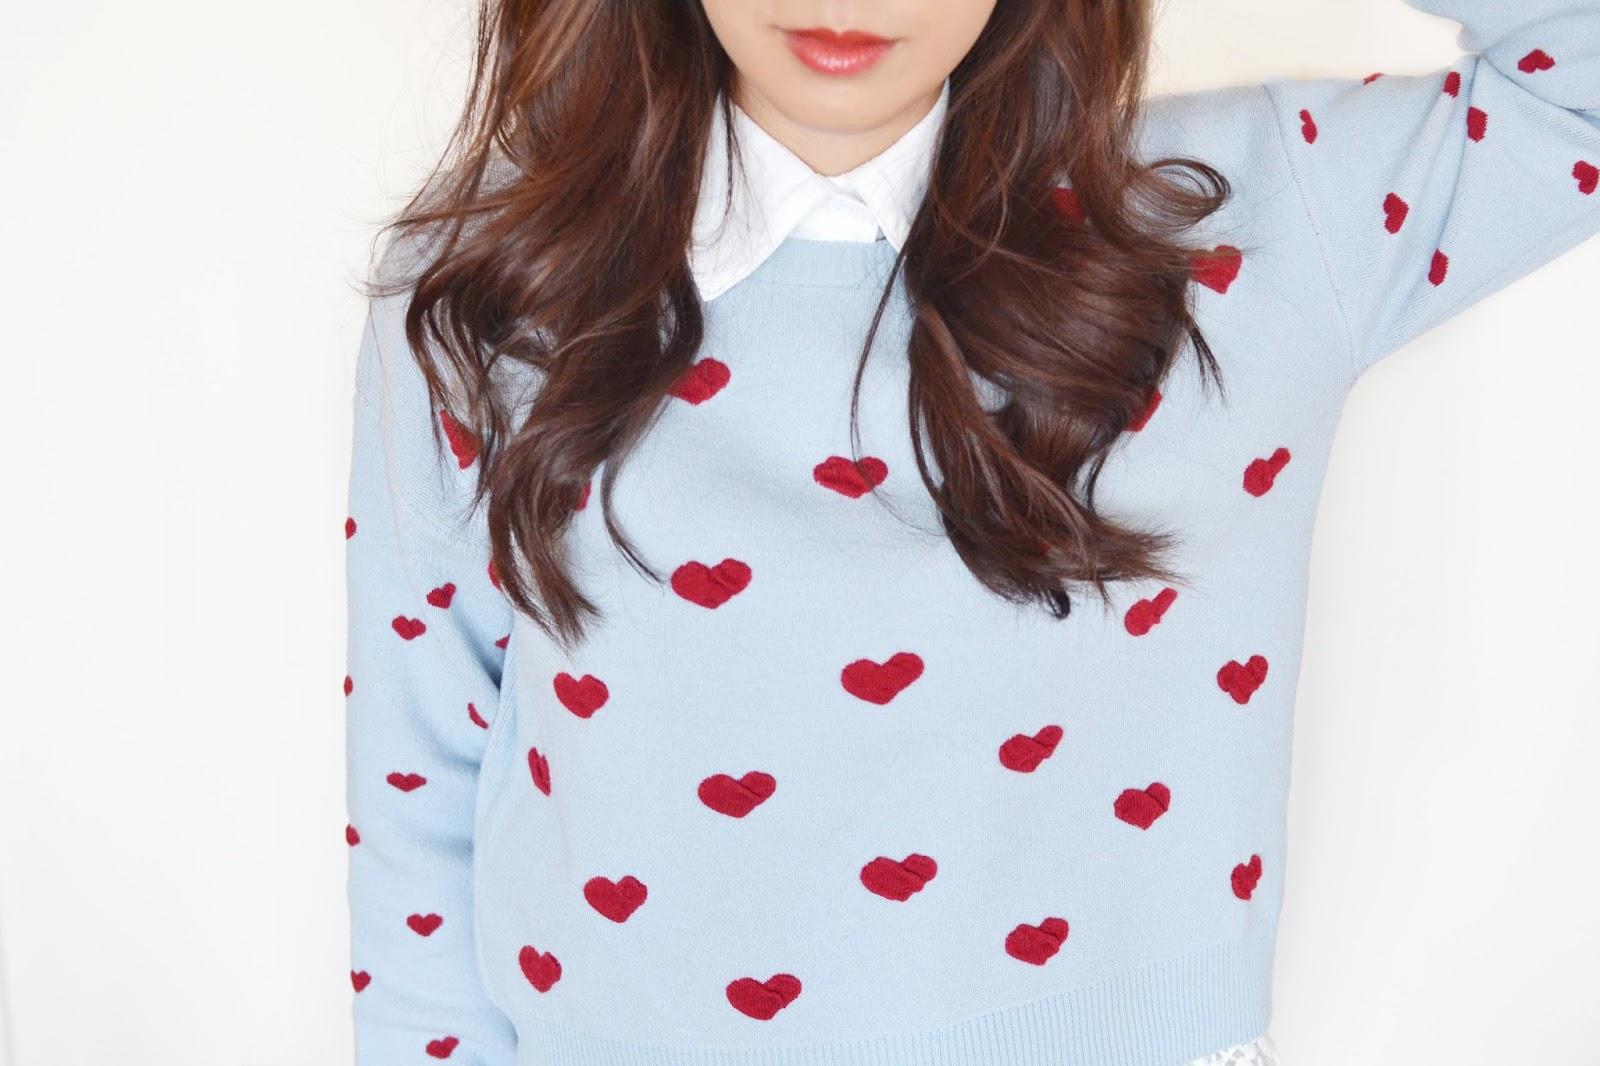 topshop heart print jumper, heart print jumper